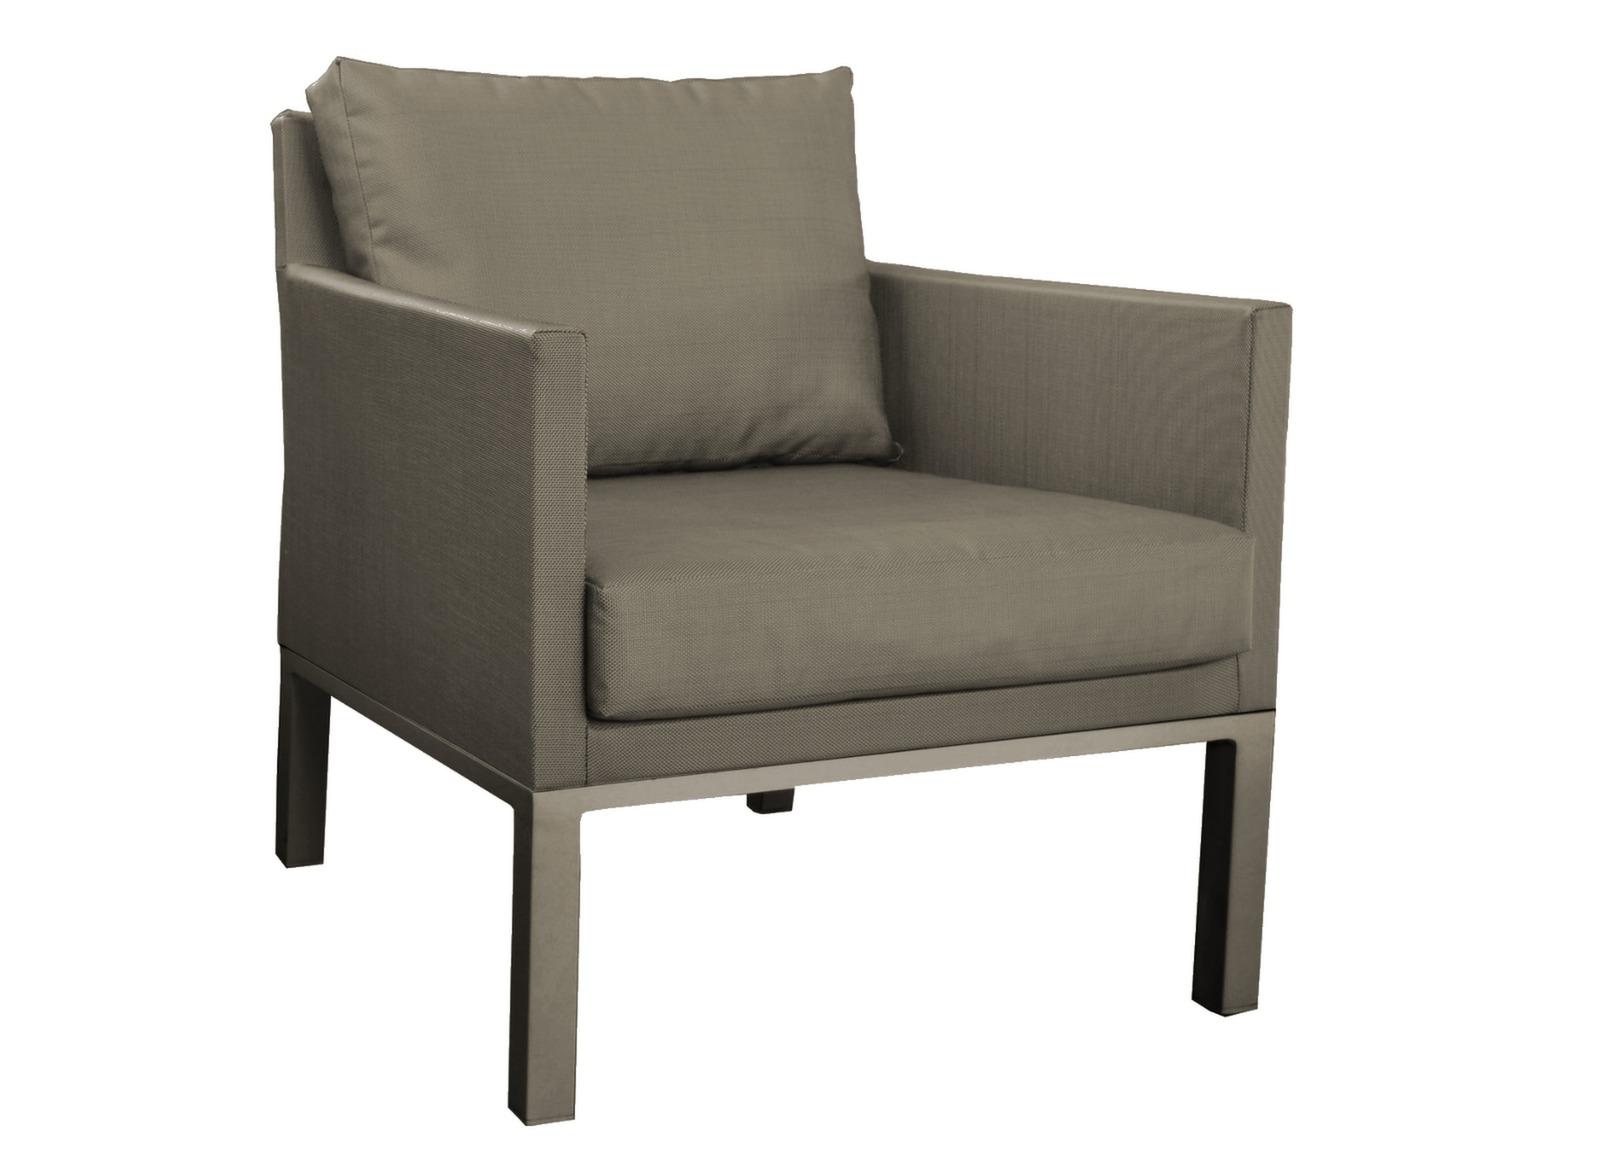 Salon de jardin canap fauteuils table basse oslo for Salon canape fauteuil